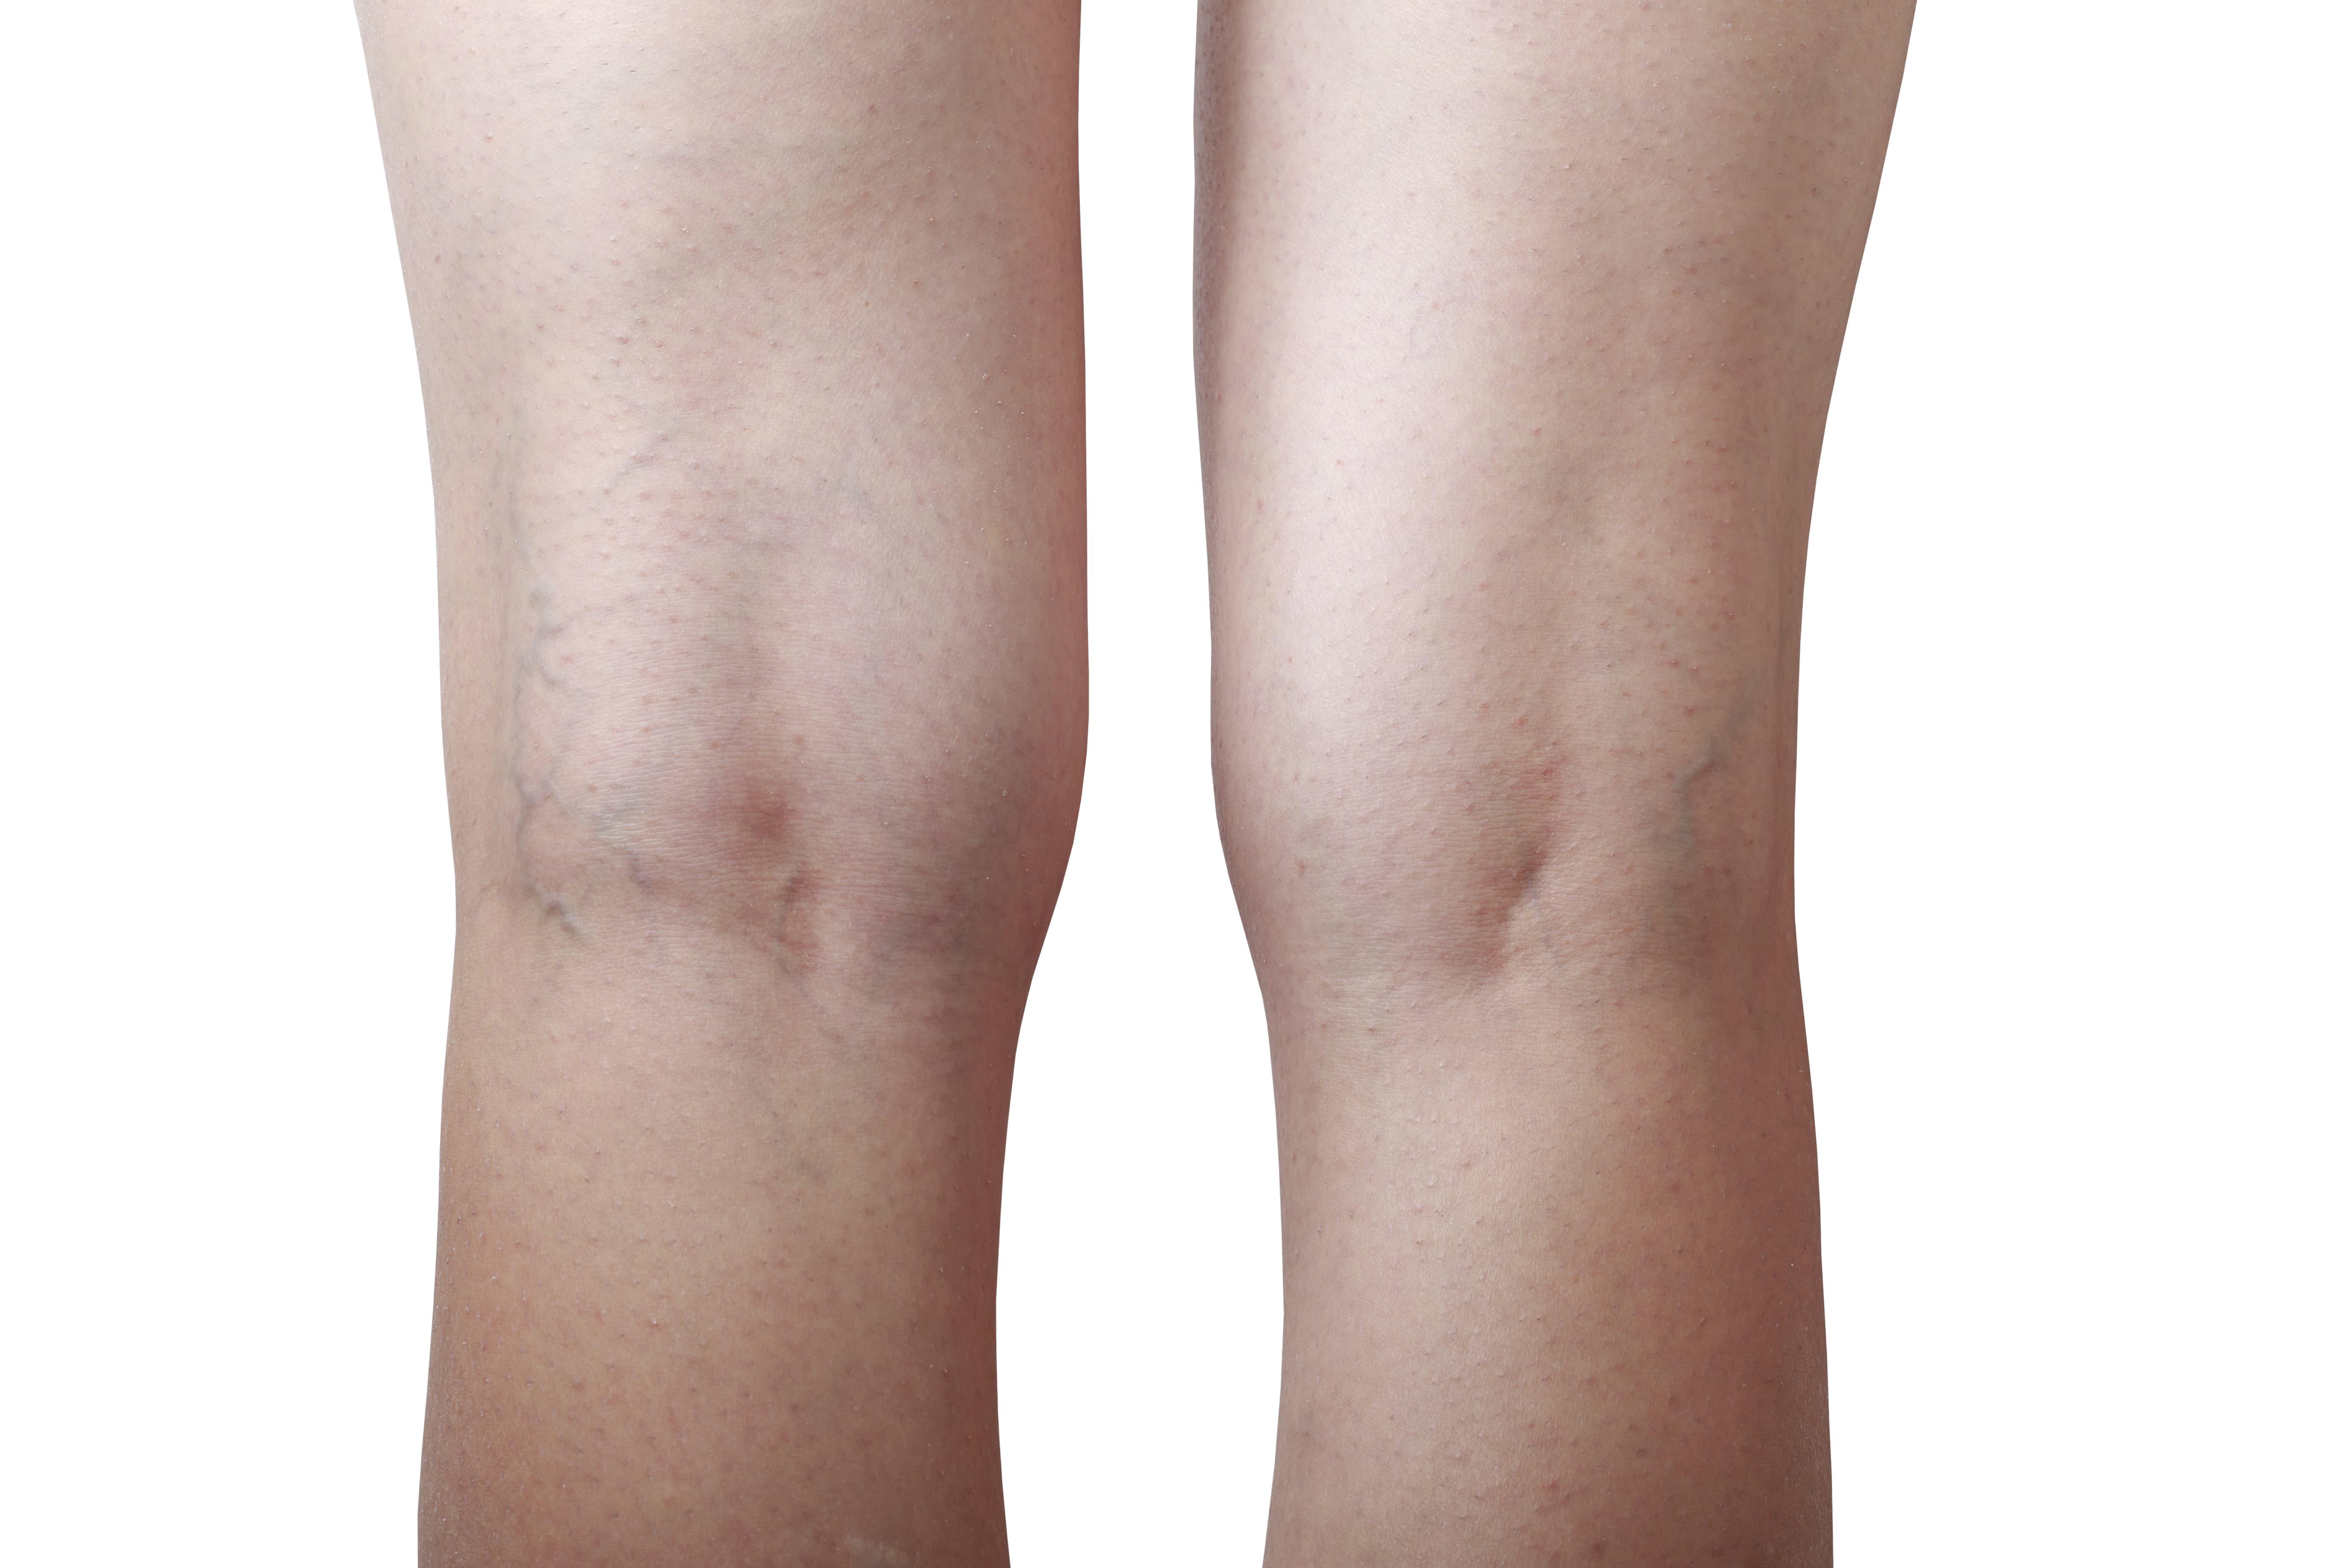 lehetséges-e a visszér eltávolítása műtét nélkül a varikózis a lábán ütközik